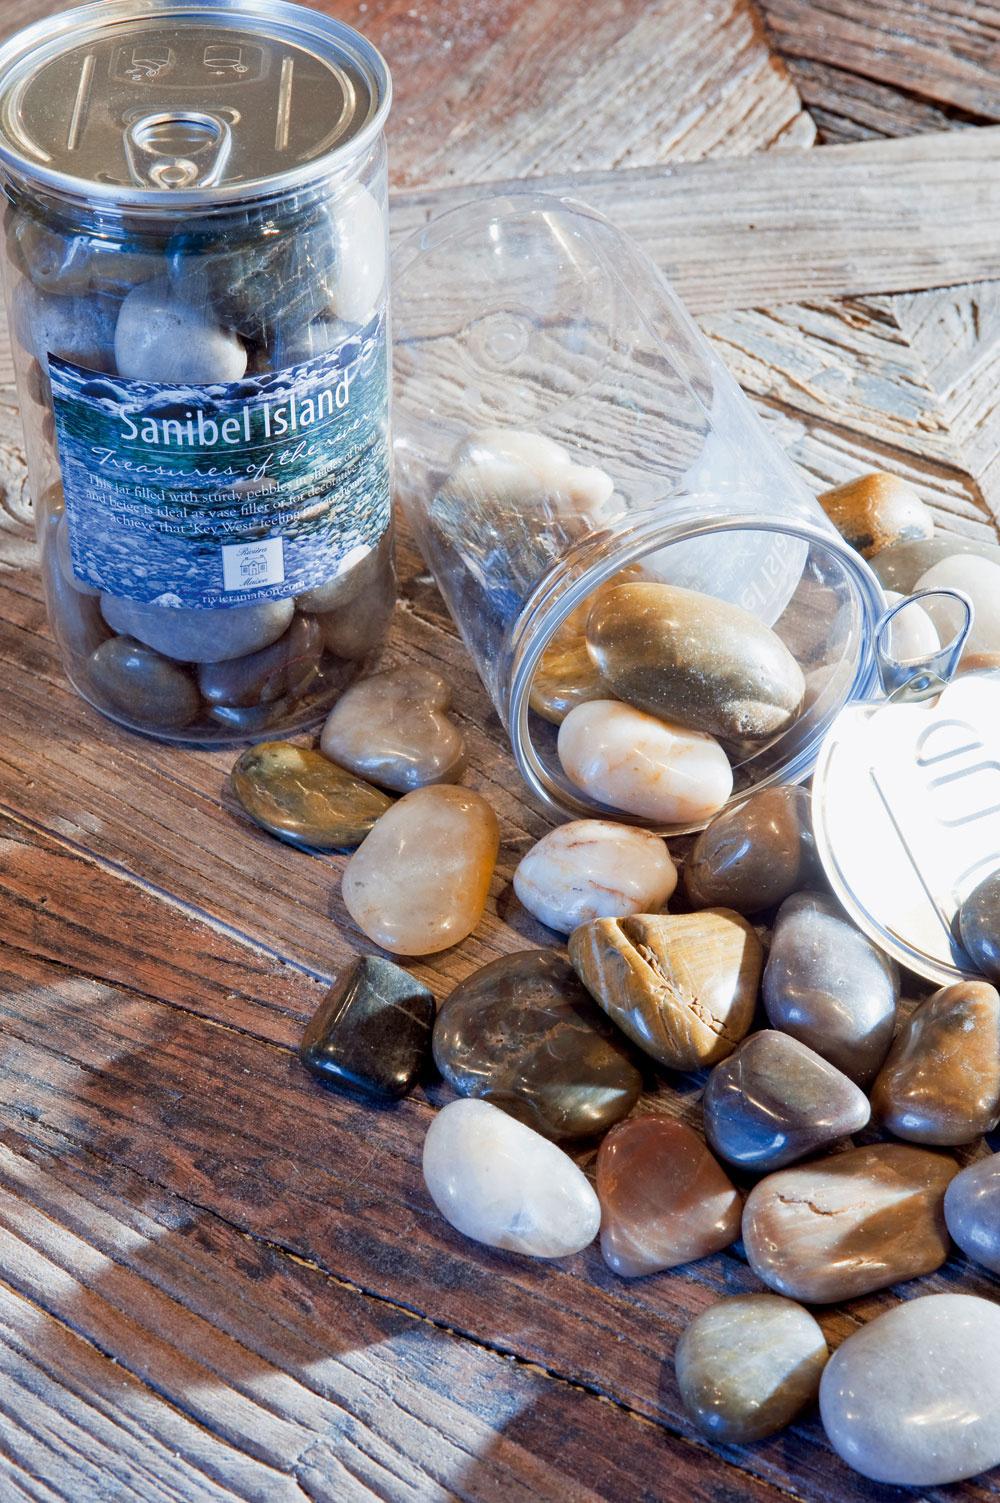 Prv než si na brehu mora nazbierate vlastné, môžete na balkóne použiť aj takéto dekoračné kamene, 15 × 8,5 cm. Cena 9 €.